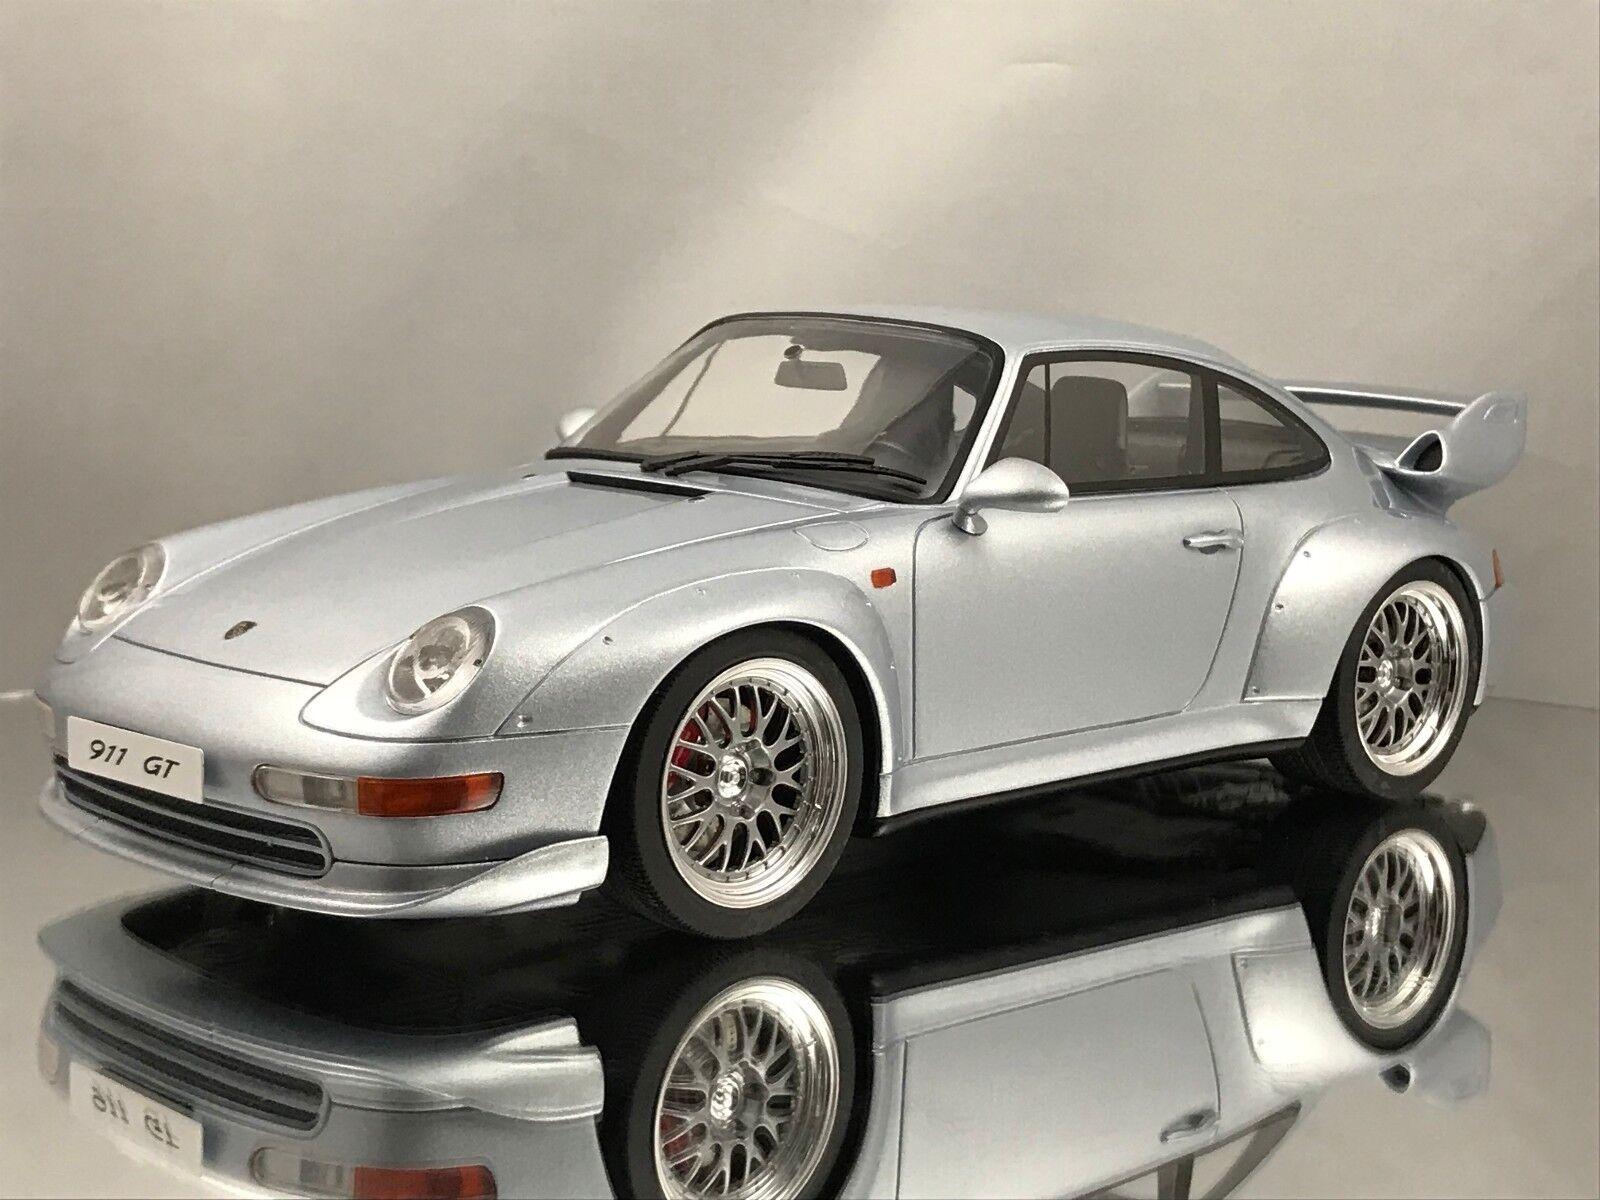 GT Spirit Porsche 911 (993) GT2 3.6 Twin Turbo Argent Résine Voiture Modèle 1 18